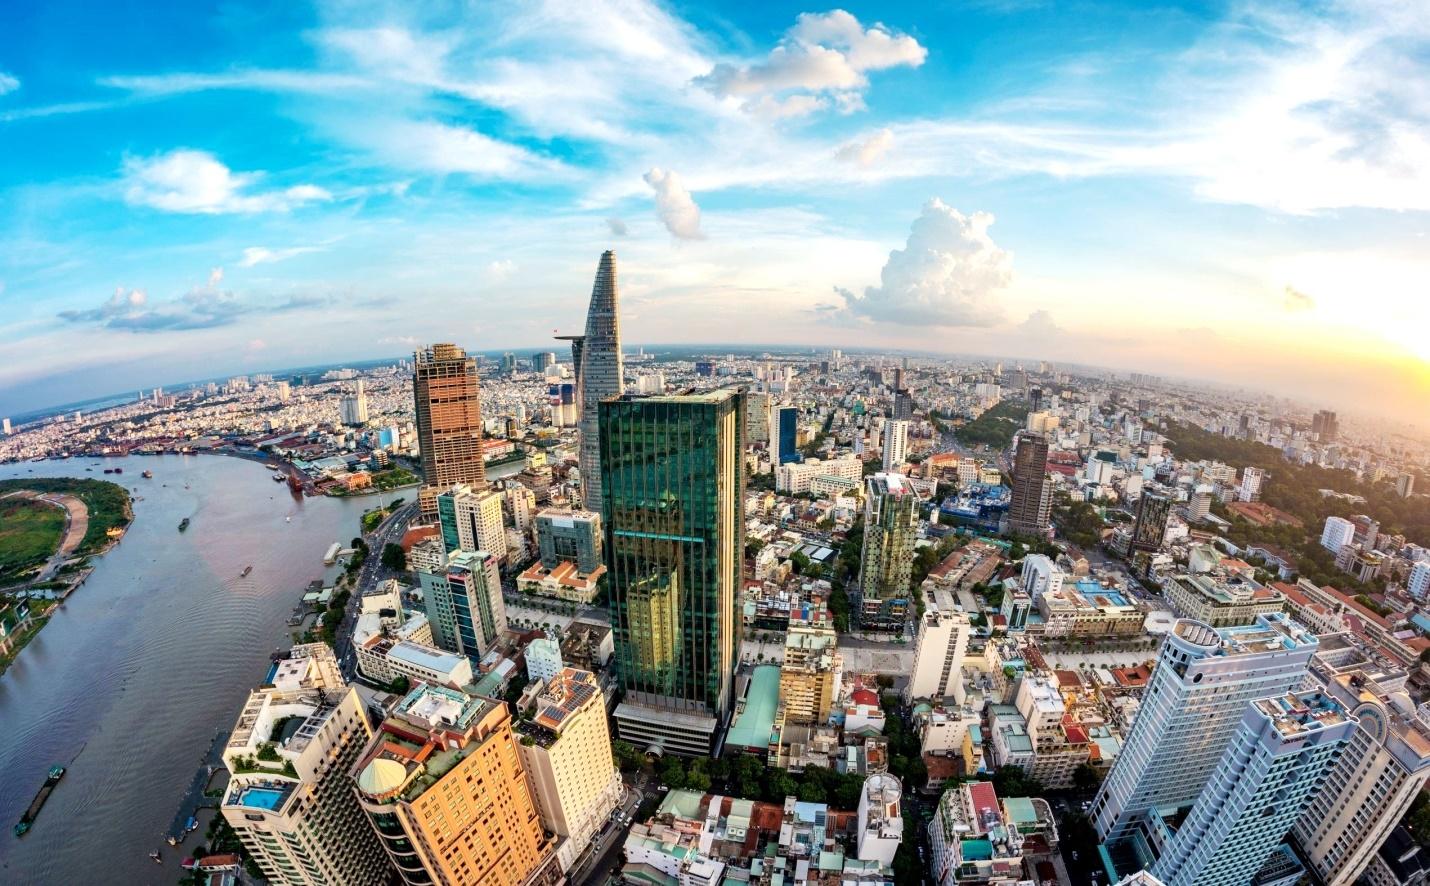 TP HCM sẽ trở thành đô thị thông minh vào năm 2025